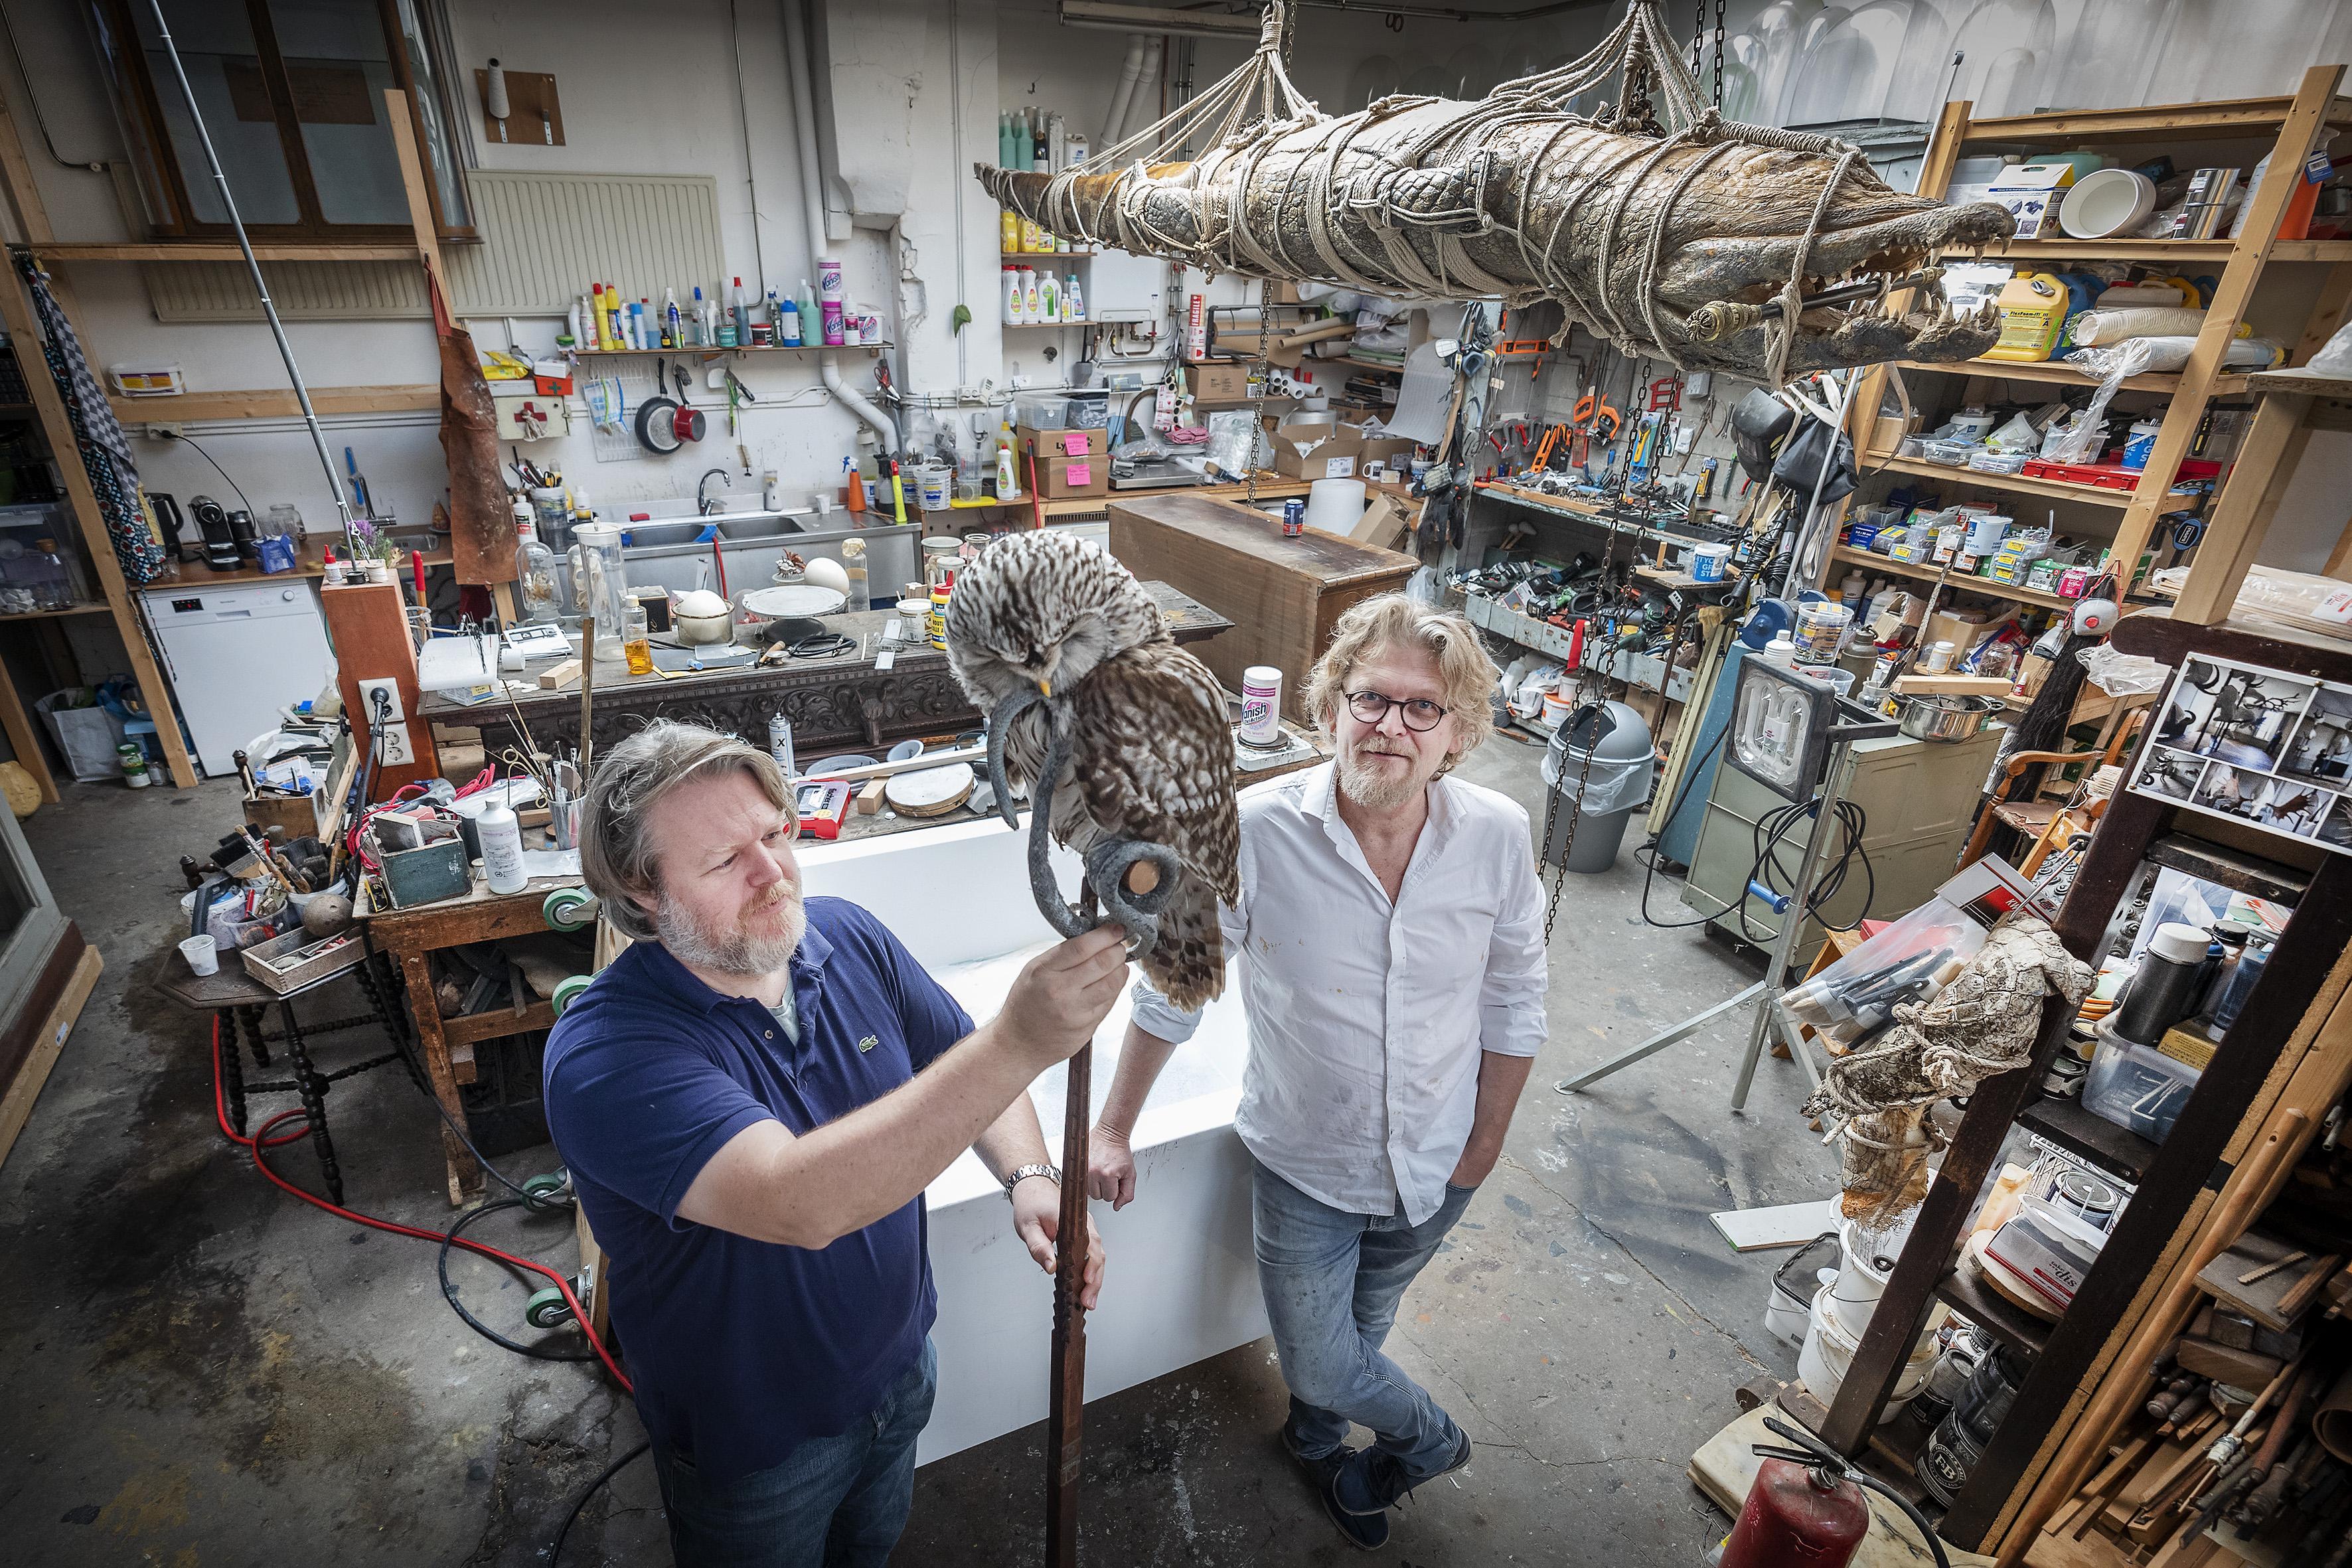 Haarlemse taxidermisten Sinke en Van Tongeren: 'Iemand bood ons de opgezette butler van zijn overgrootmoeder aan in ruil voor een van onze werken'